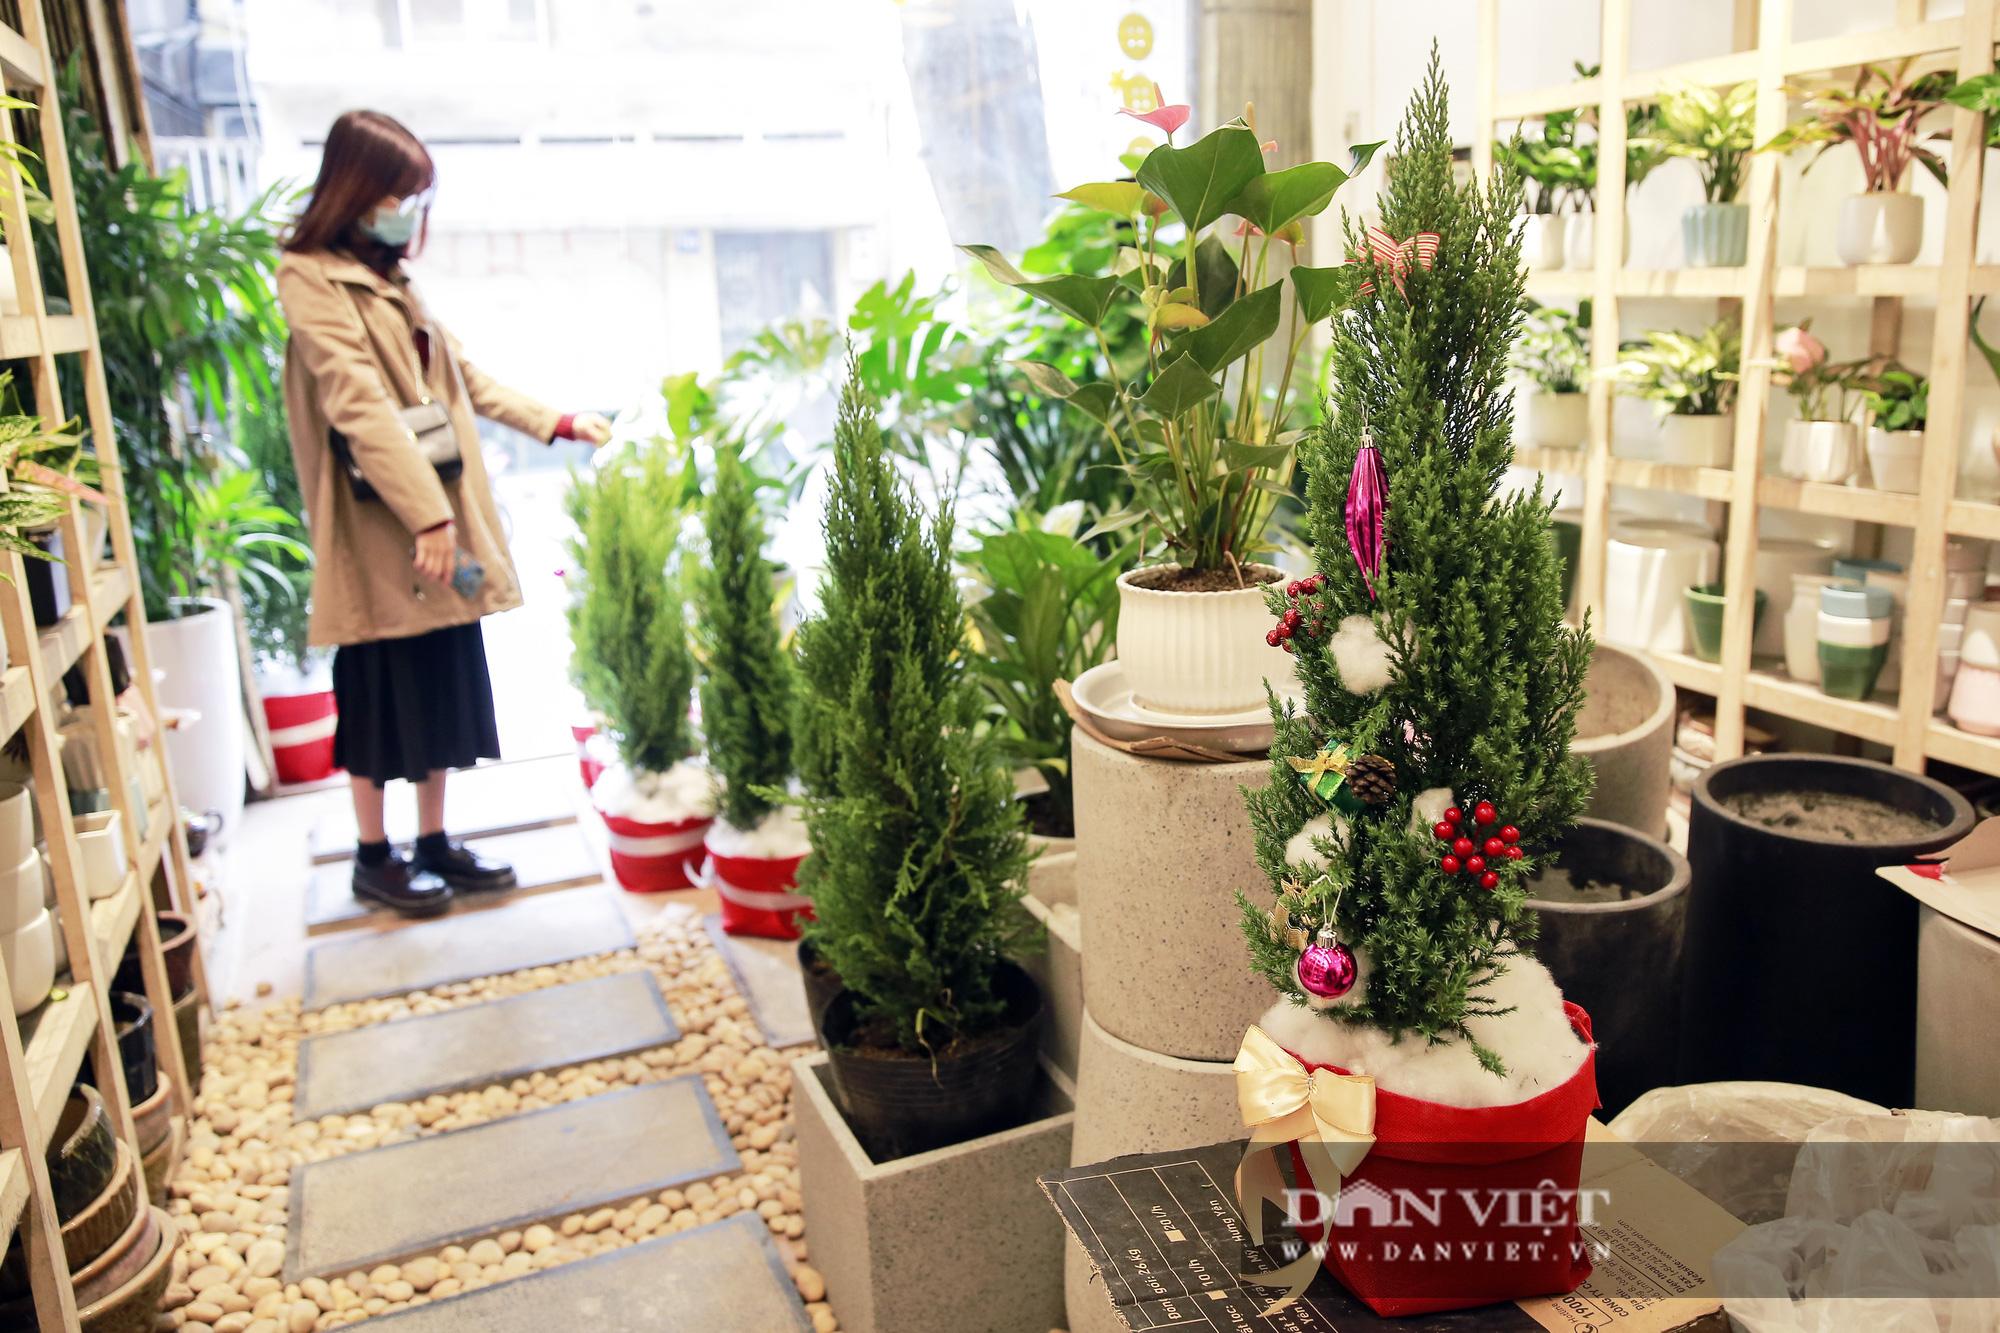 """Giá chỉ từ 100.000 đồng, """"bản sao"""" của cây thông thật đắt khách dịp Giáng sinh 2020 - Ảnh 10."""